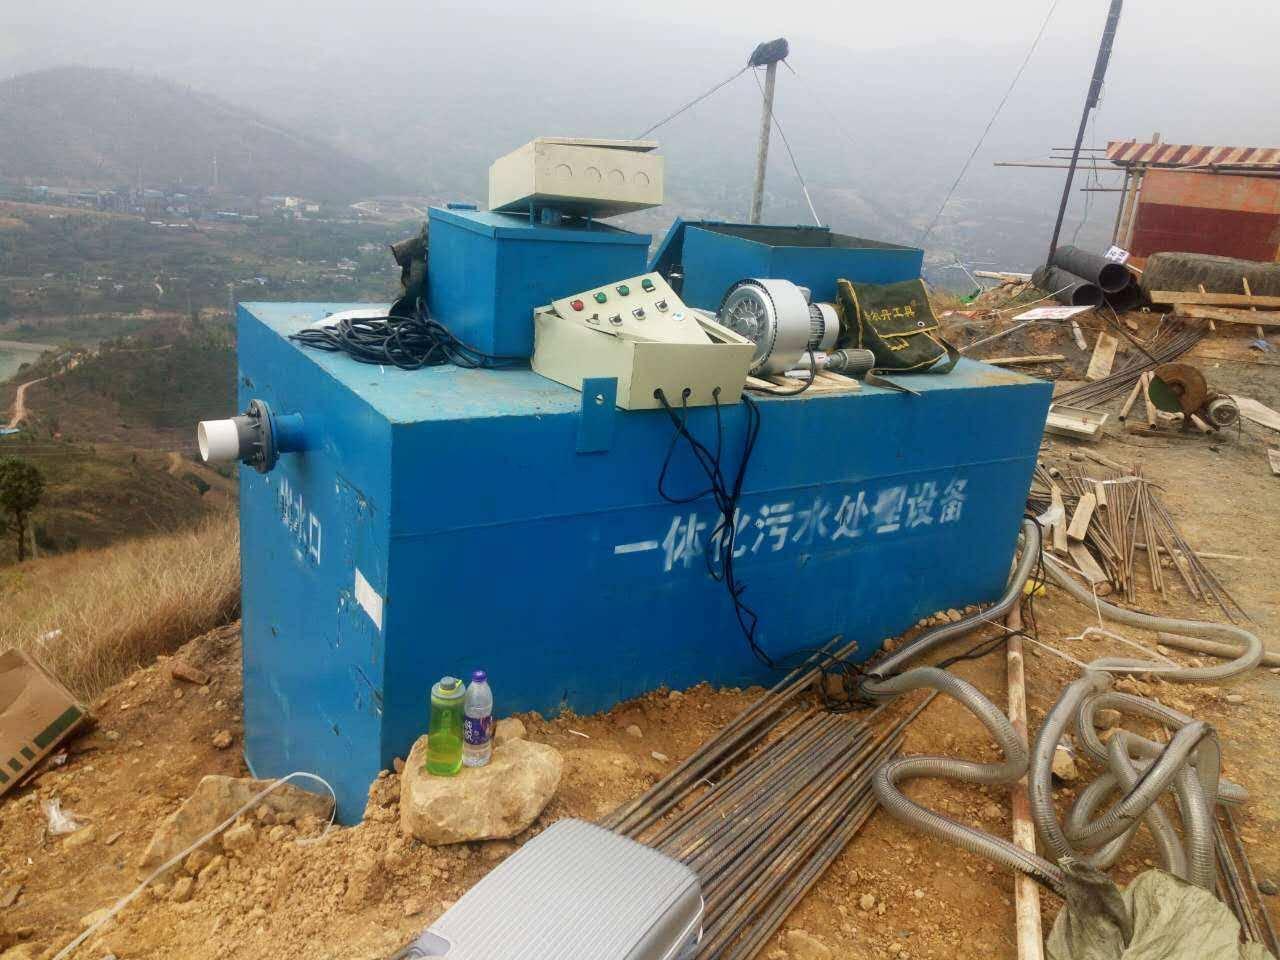 社区生活污水处理设备处理技术